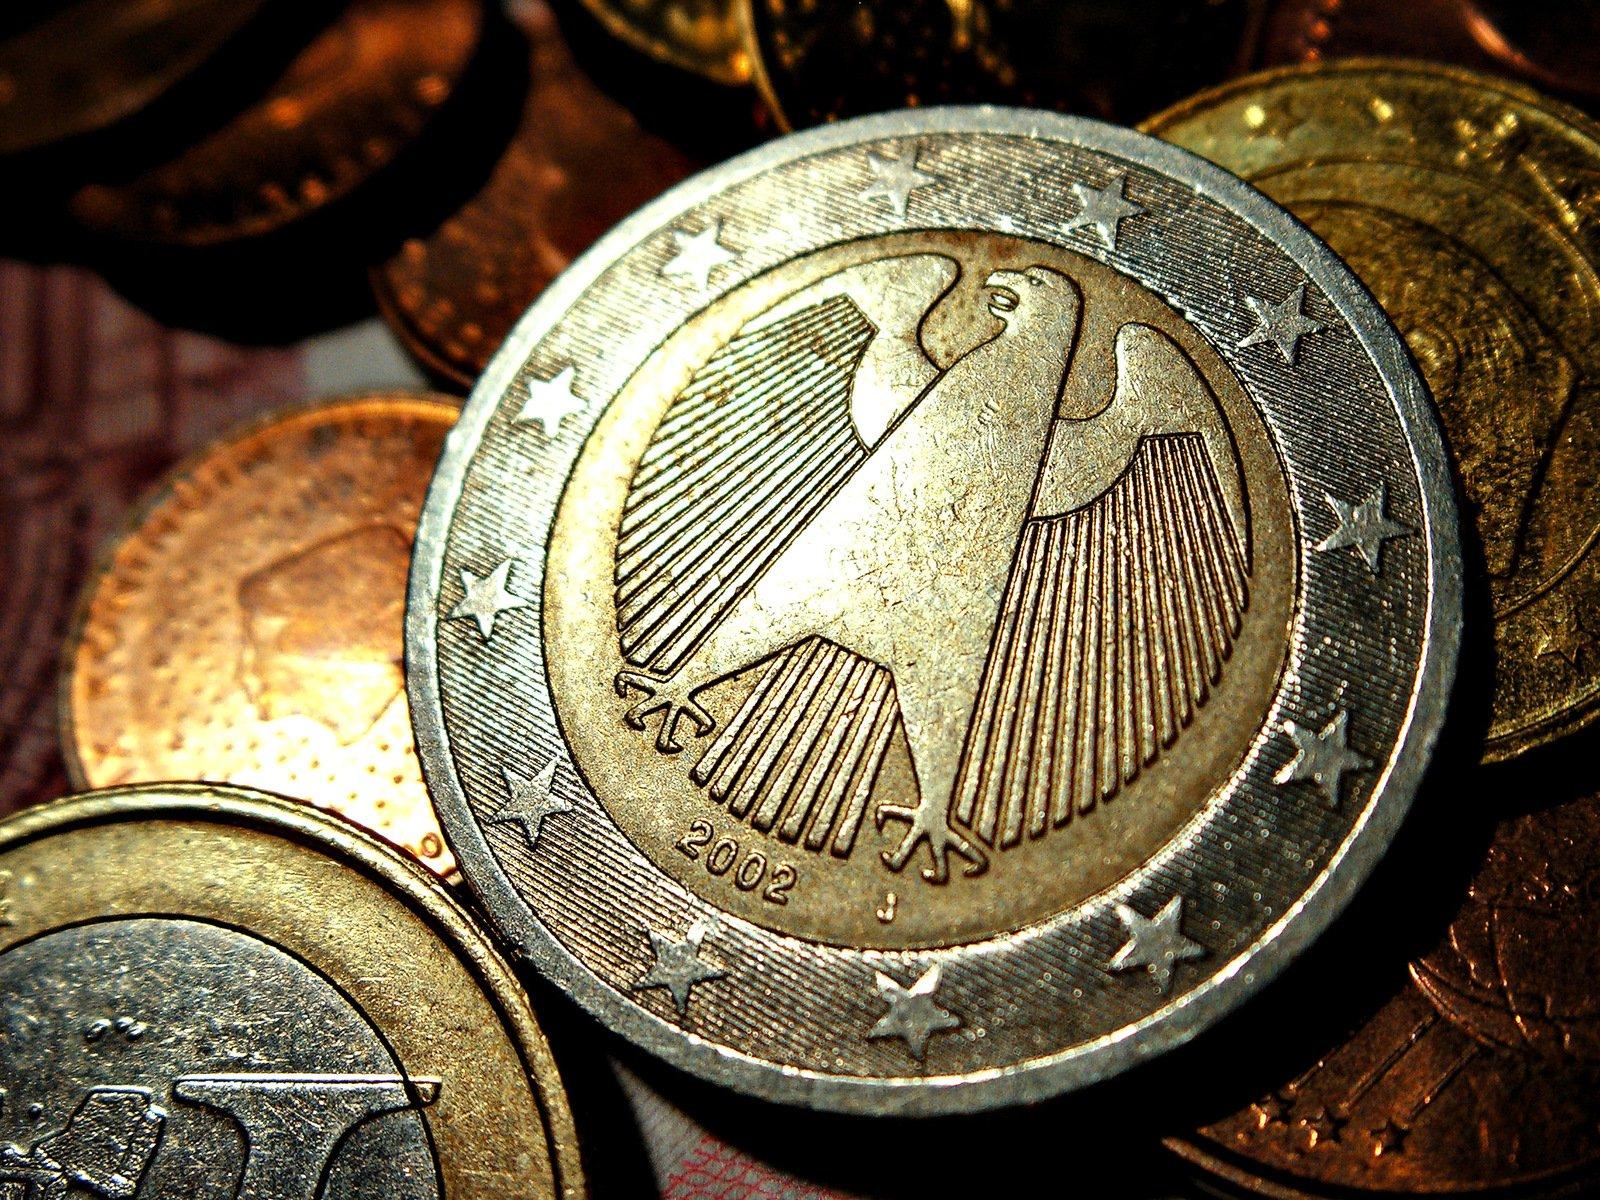 German euro coin